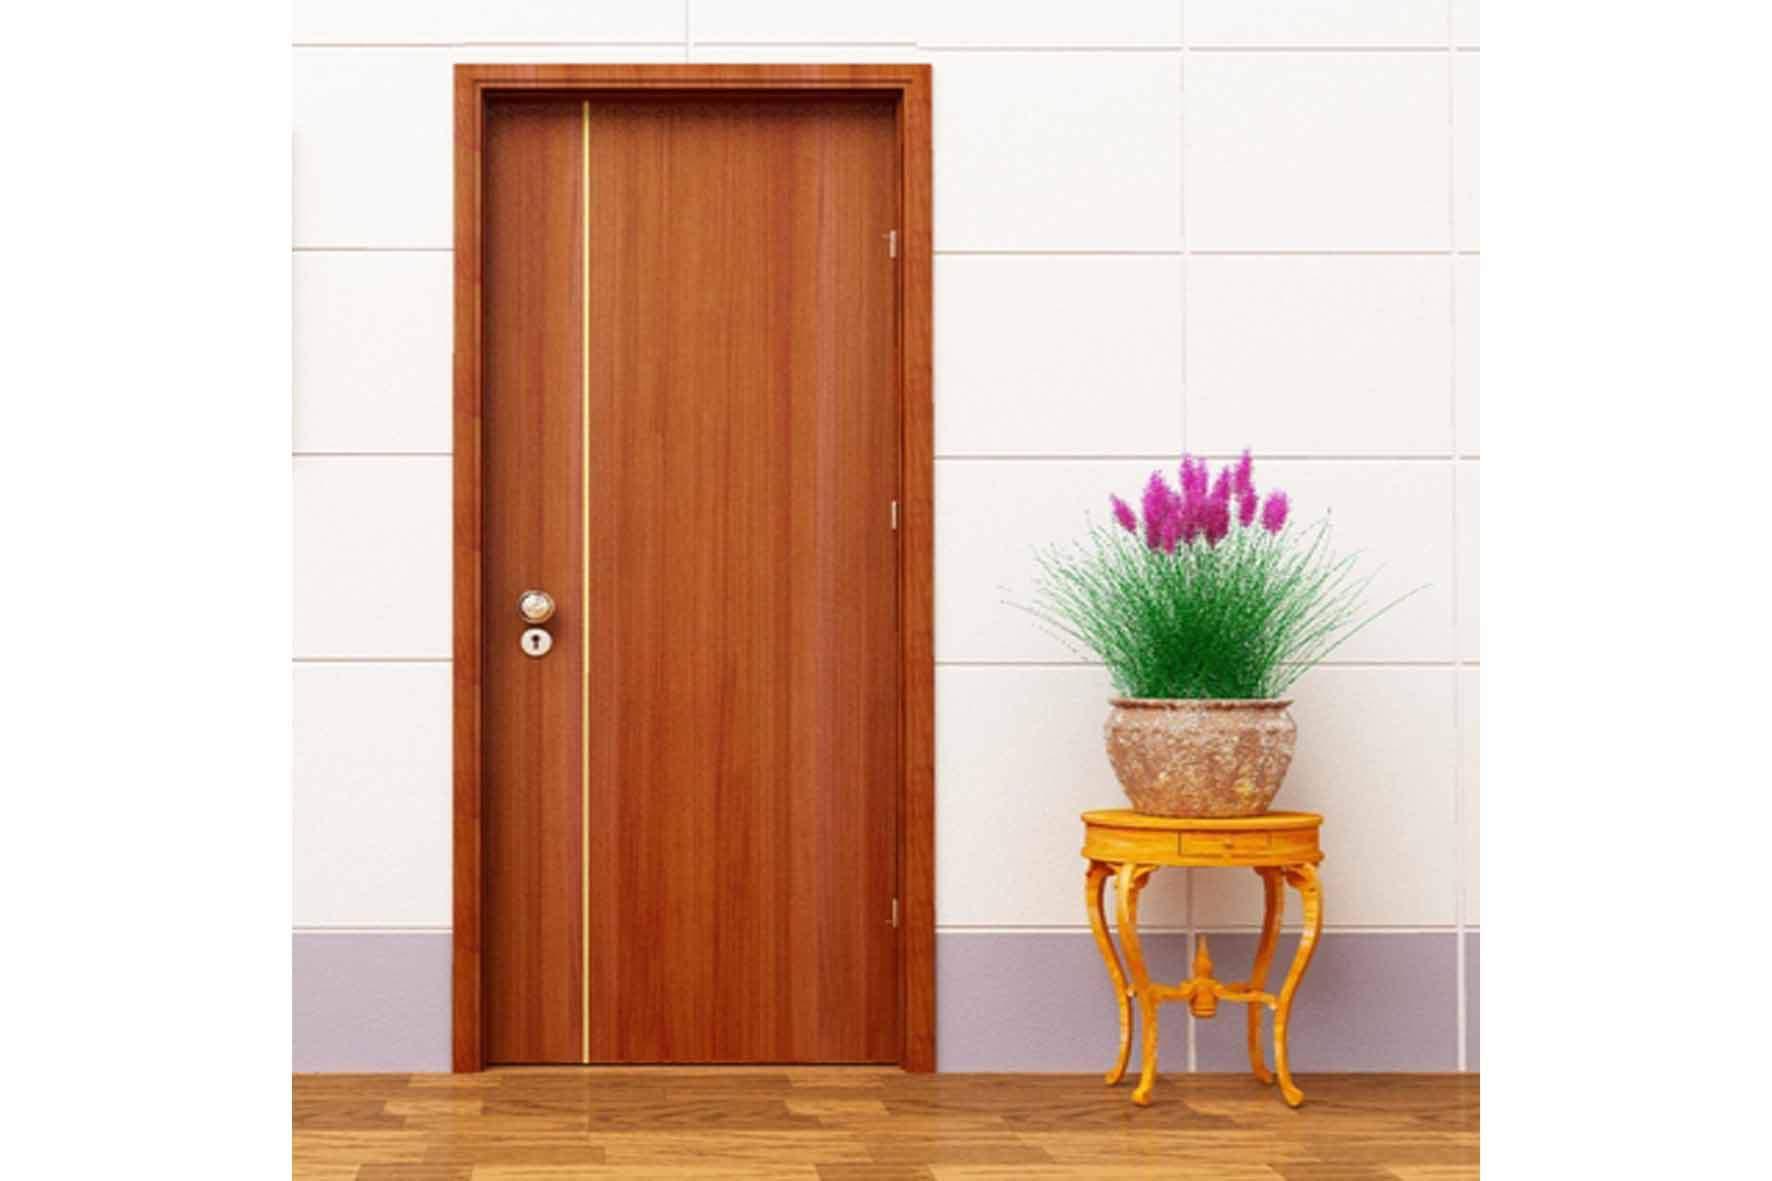 Các mẫu cửa gỗ đẹp hiện đại